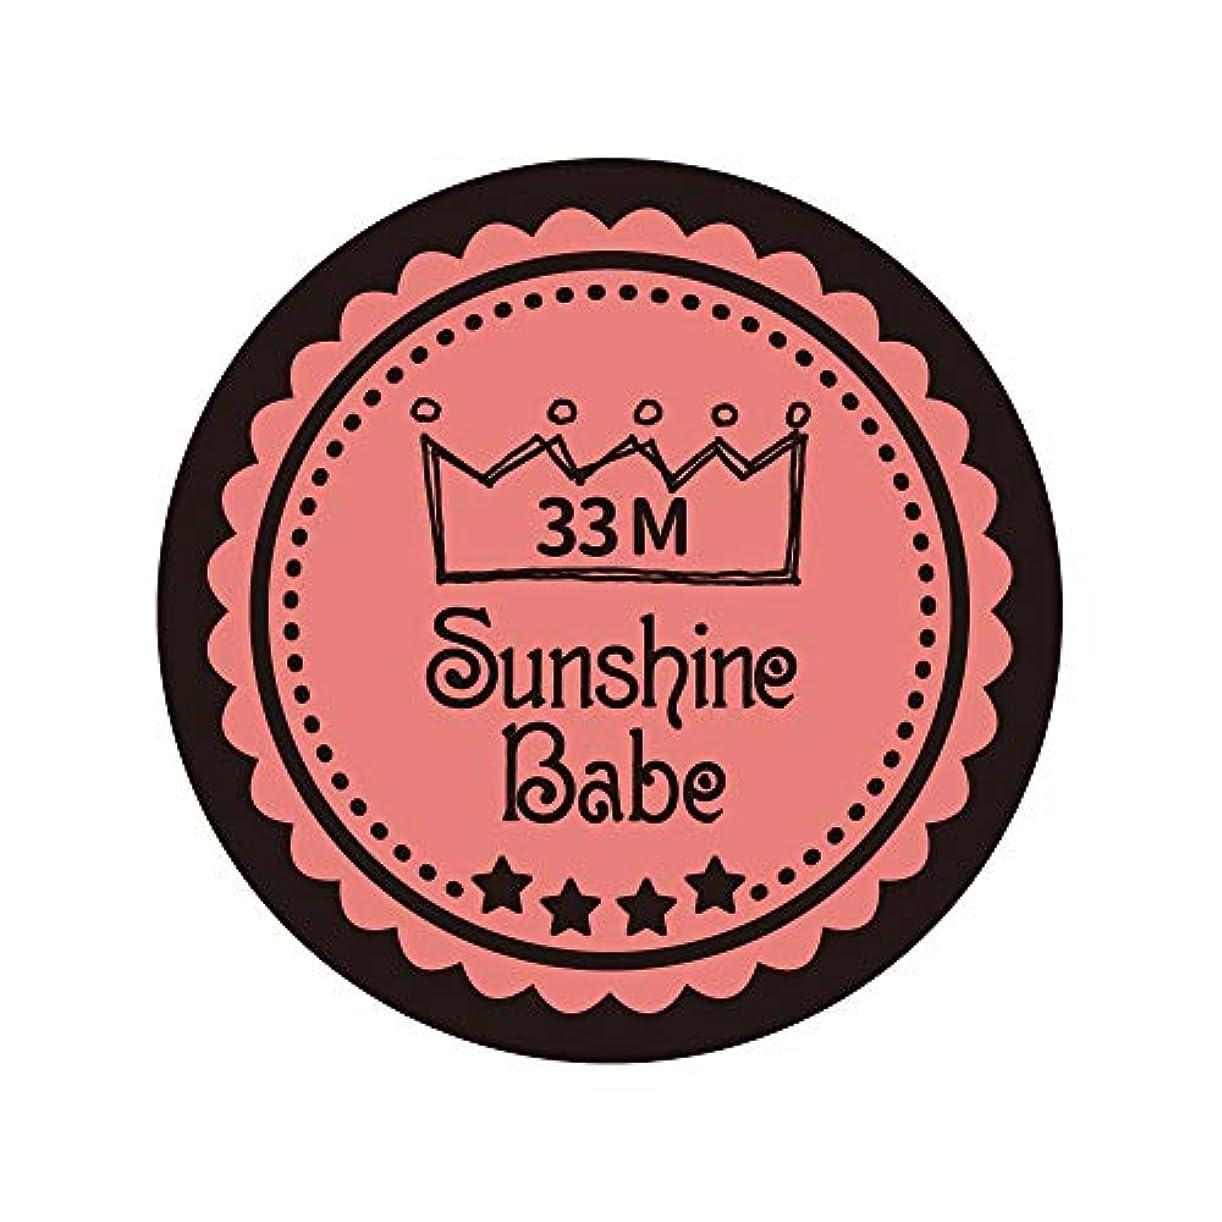 使用法ウィスキー競争力のあるSunshine Babe カラージェル 33M ベイクドコーラルピンク 4g UV/LED対応